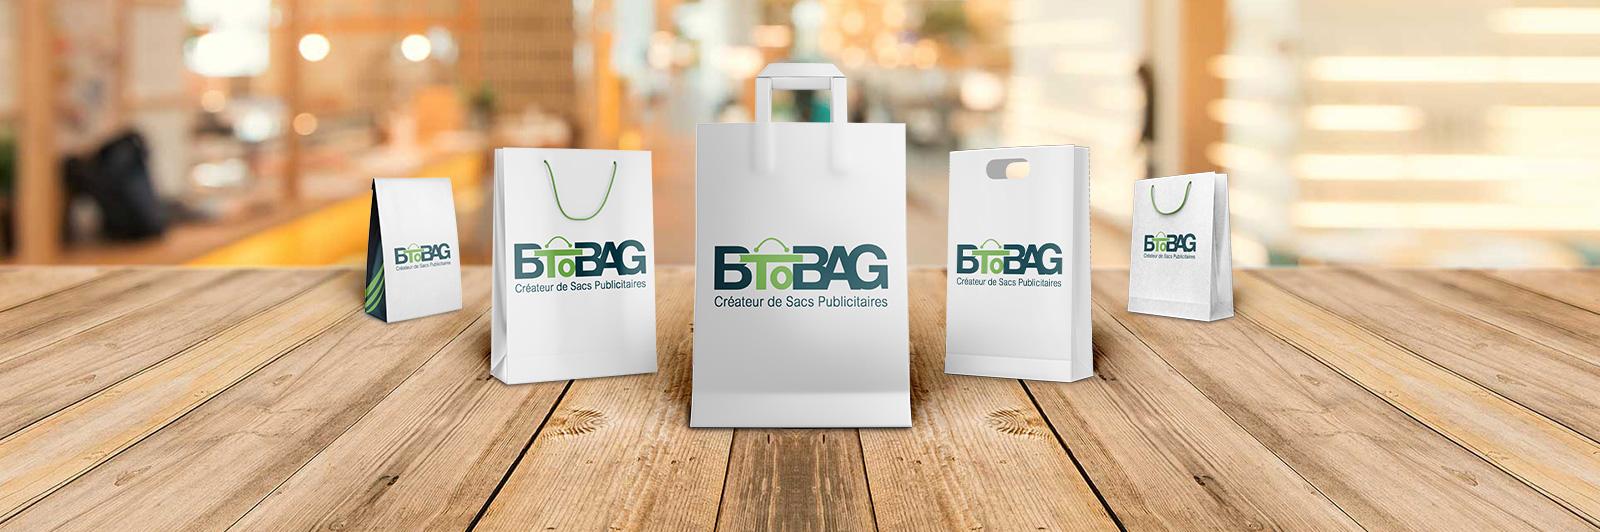 Tote bag : des goodies parfaites pour communiquer son image